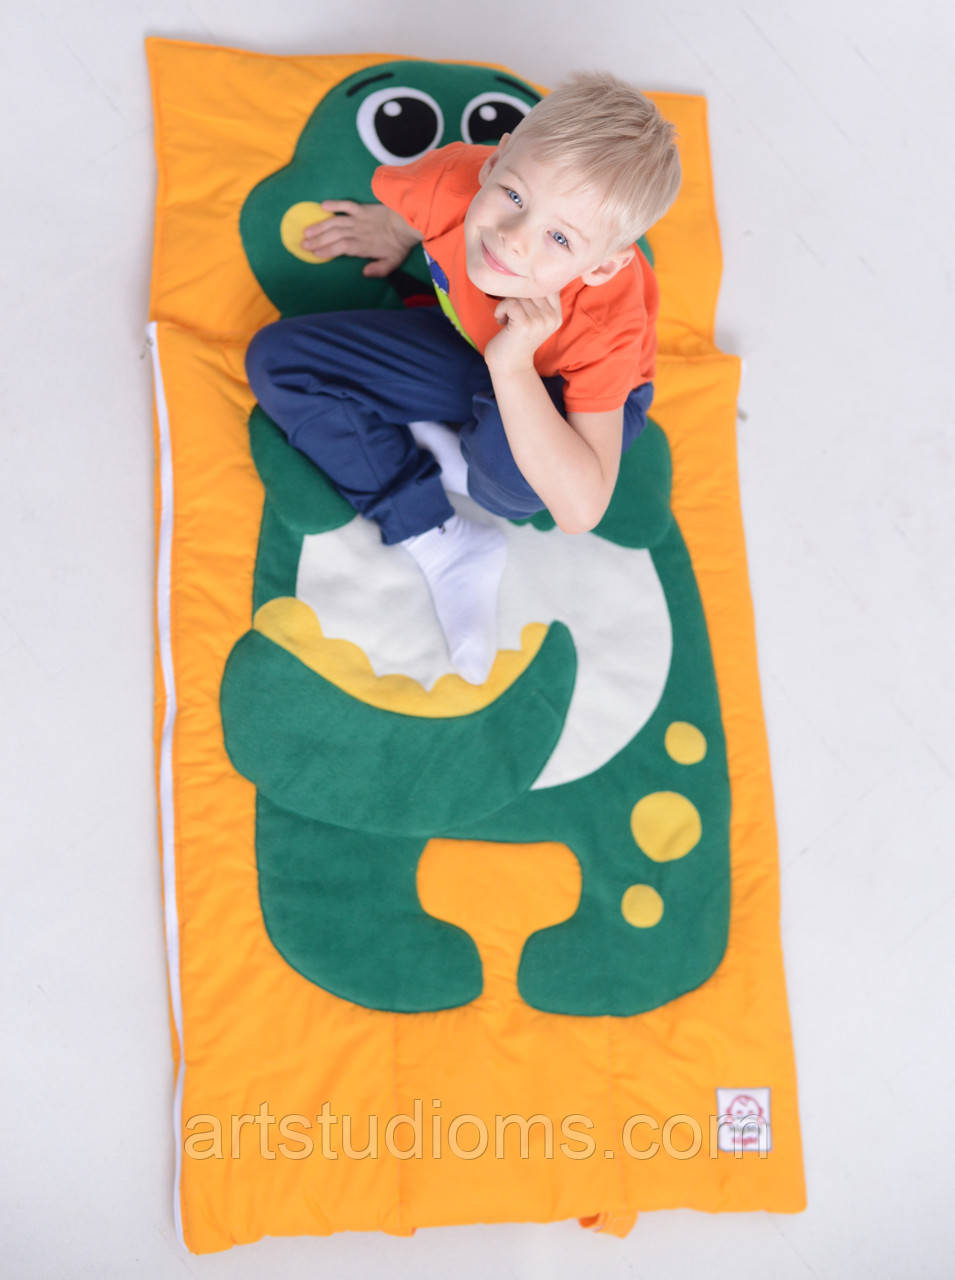 Комплект детского постельного белья слипик Дино, размер S, 120х60 см, для деток до 2-2,5 лет